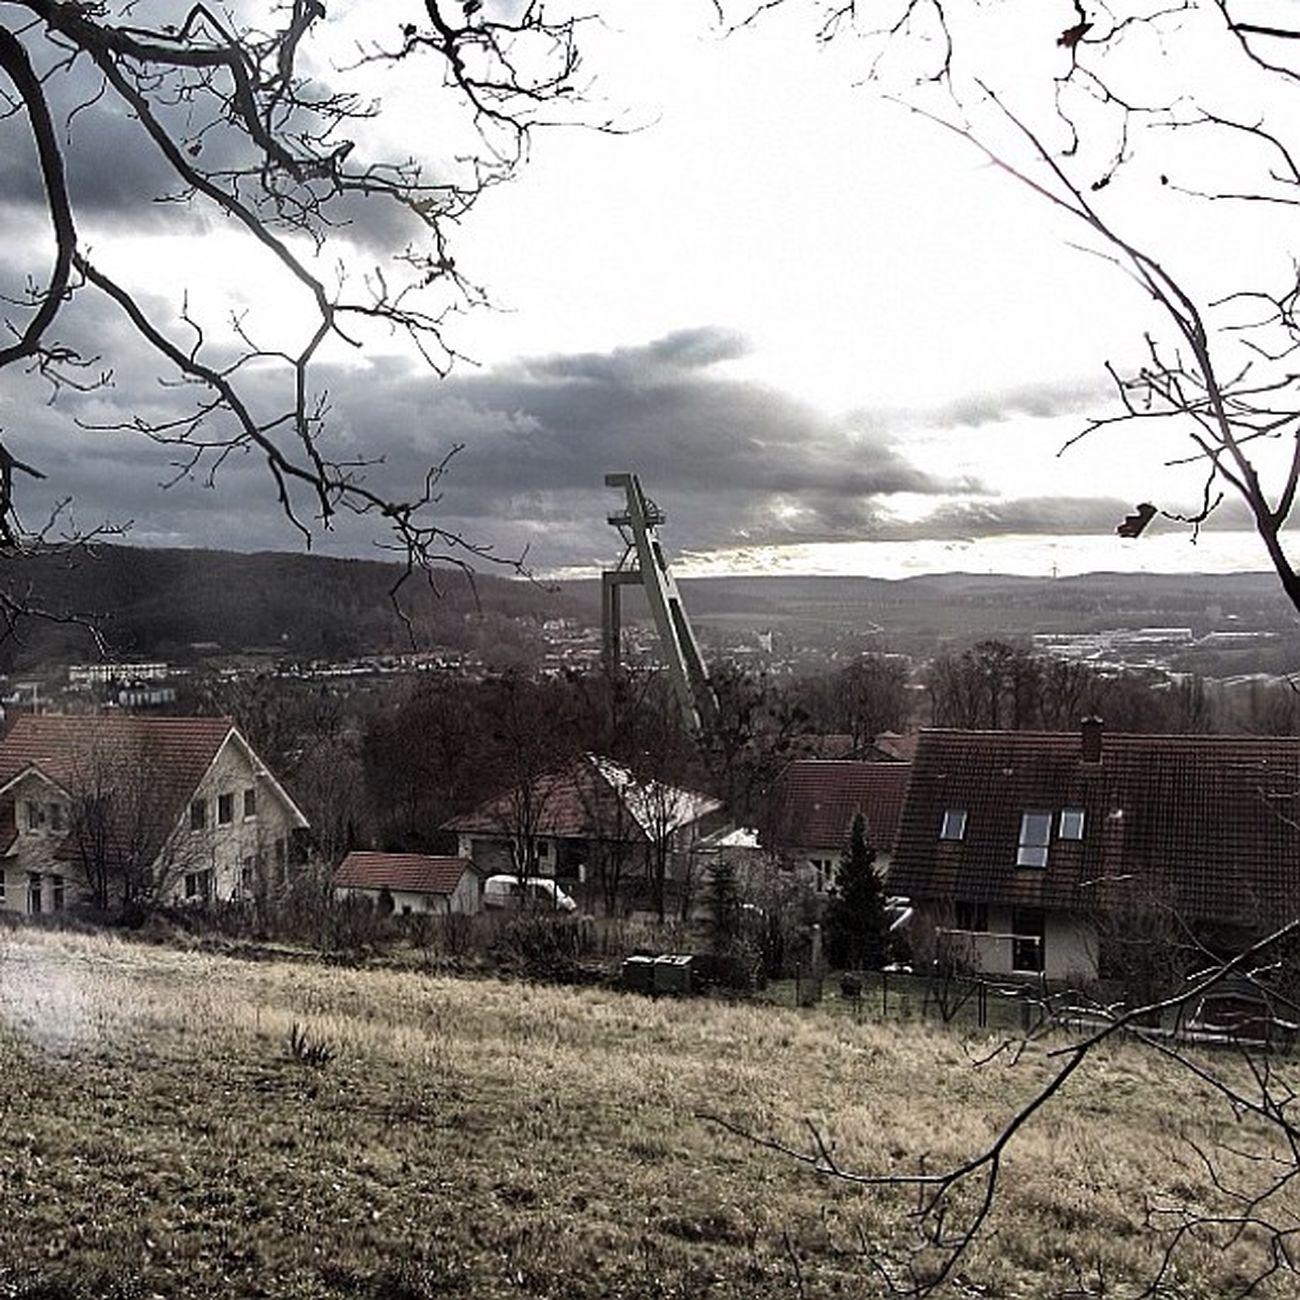 Wehrstedt Bad Salzdetfurth Hildesheim Saxxony Sklblog Bergwerk Kaliwerk K +s